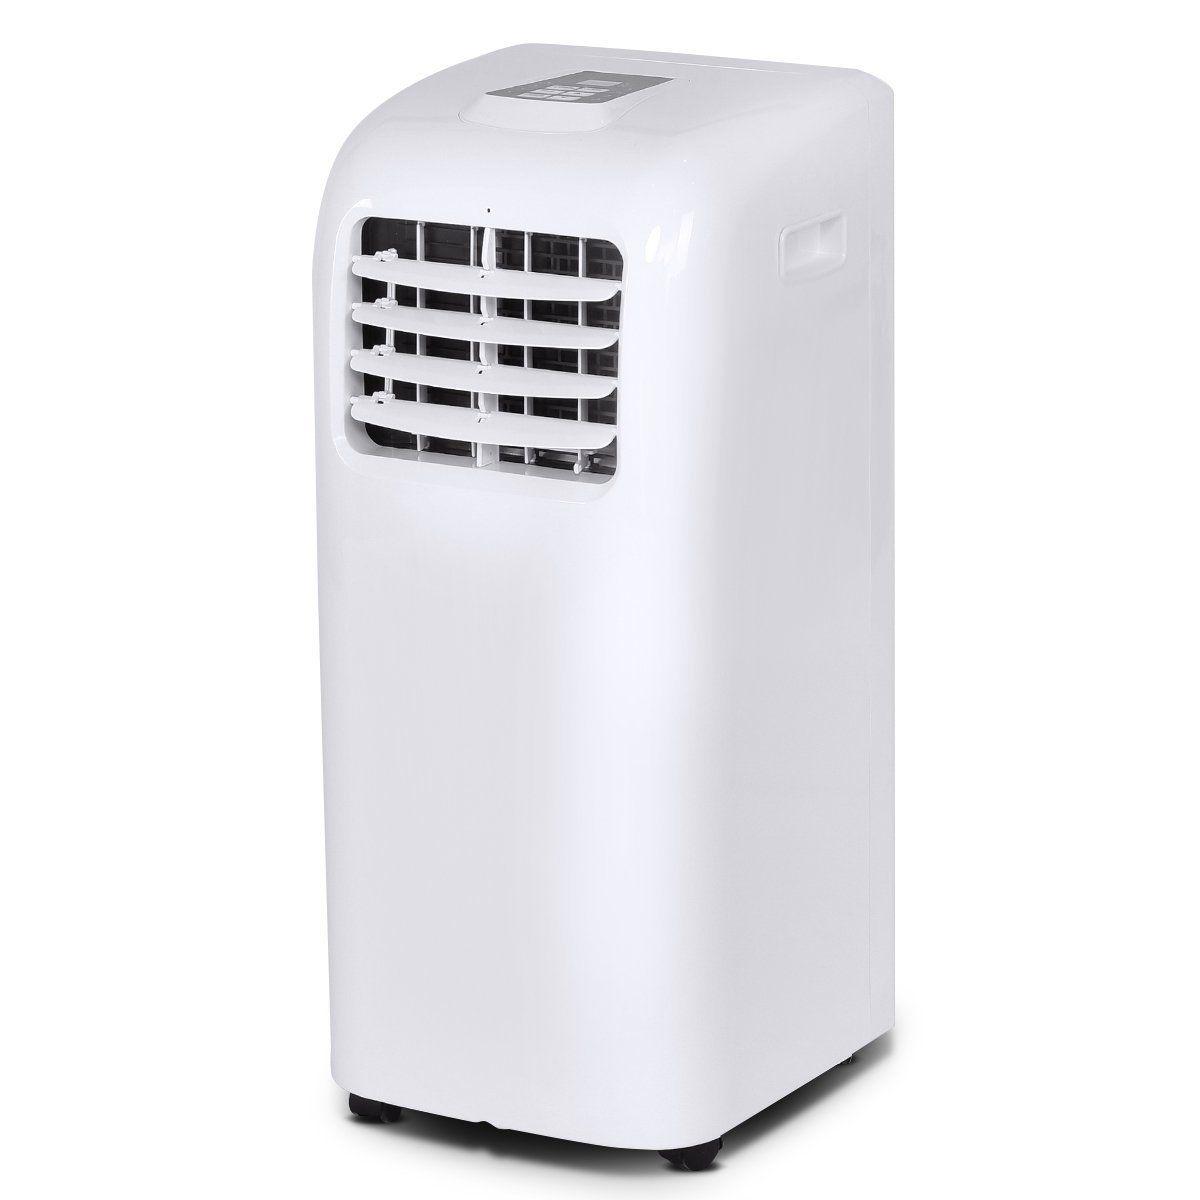 Costway Portable Air Conditioner With 10 000 Btu Portable Air Conditioner Small Portable Air Conditioner Portable Air Conditioners